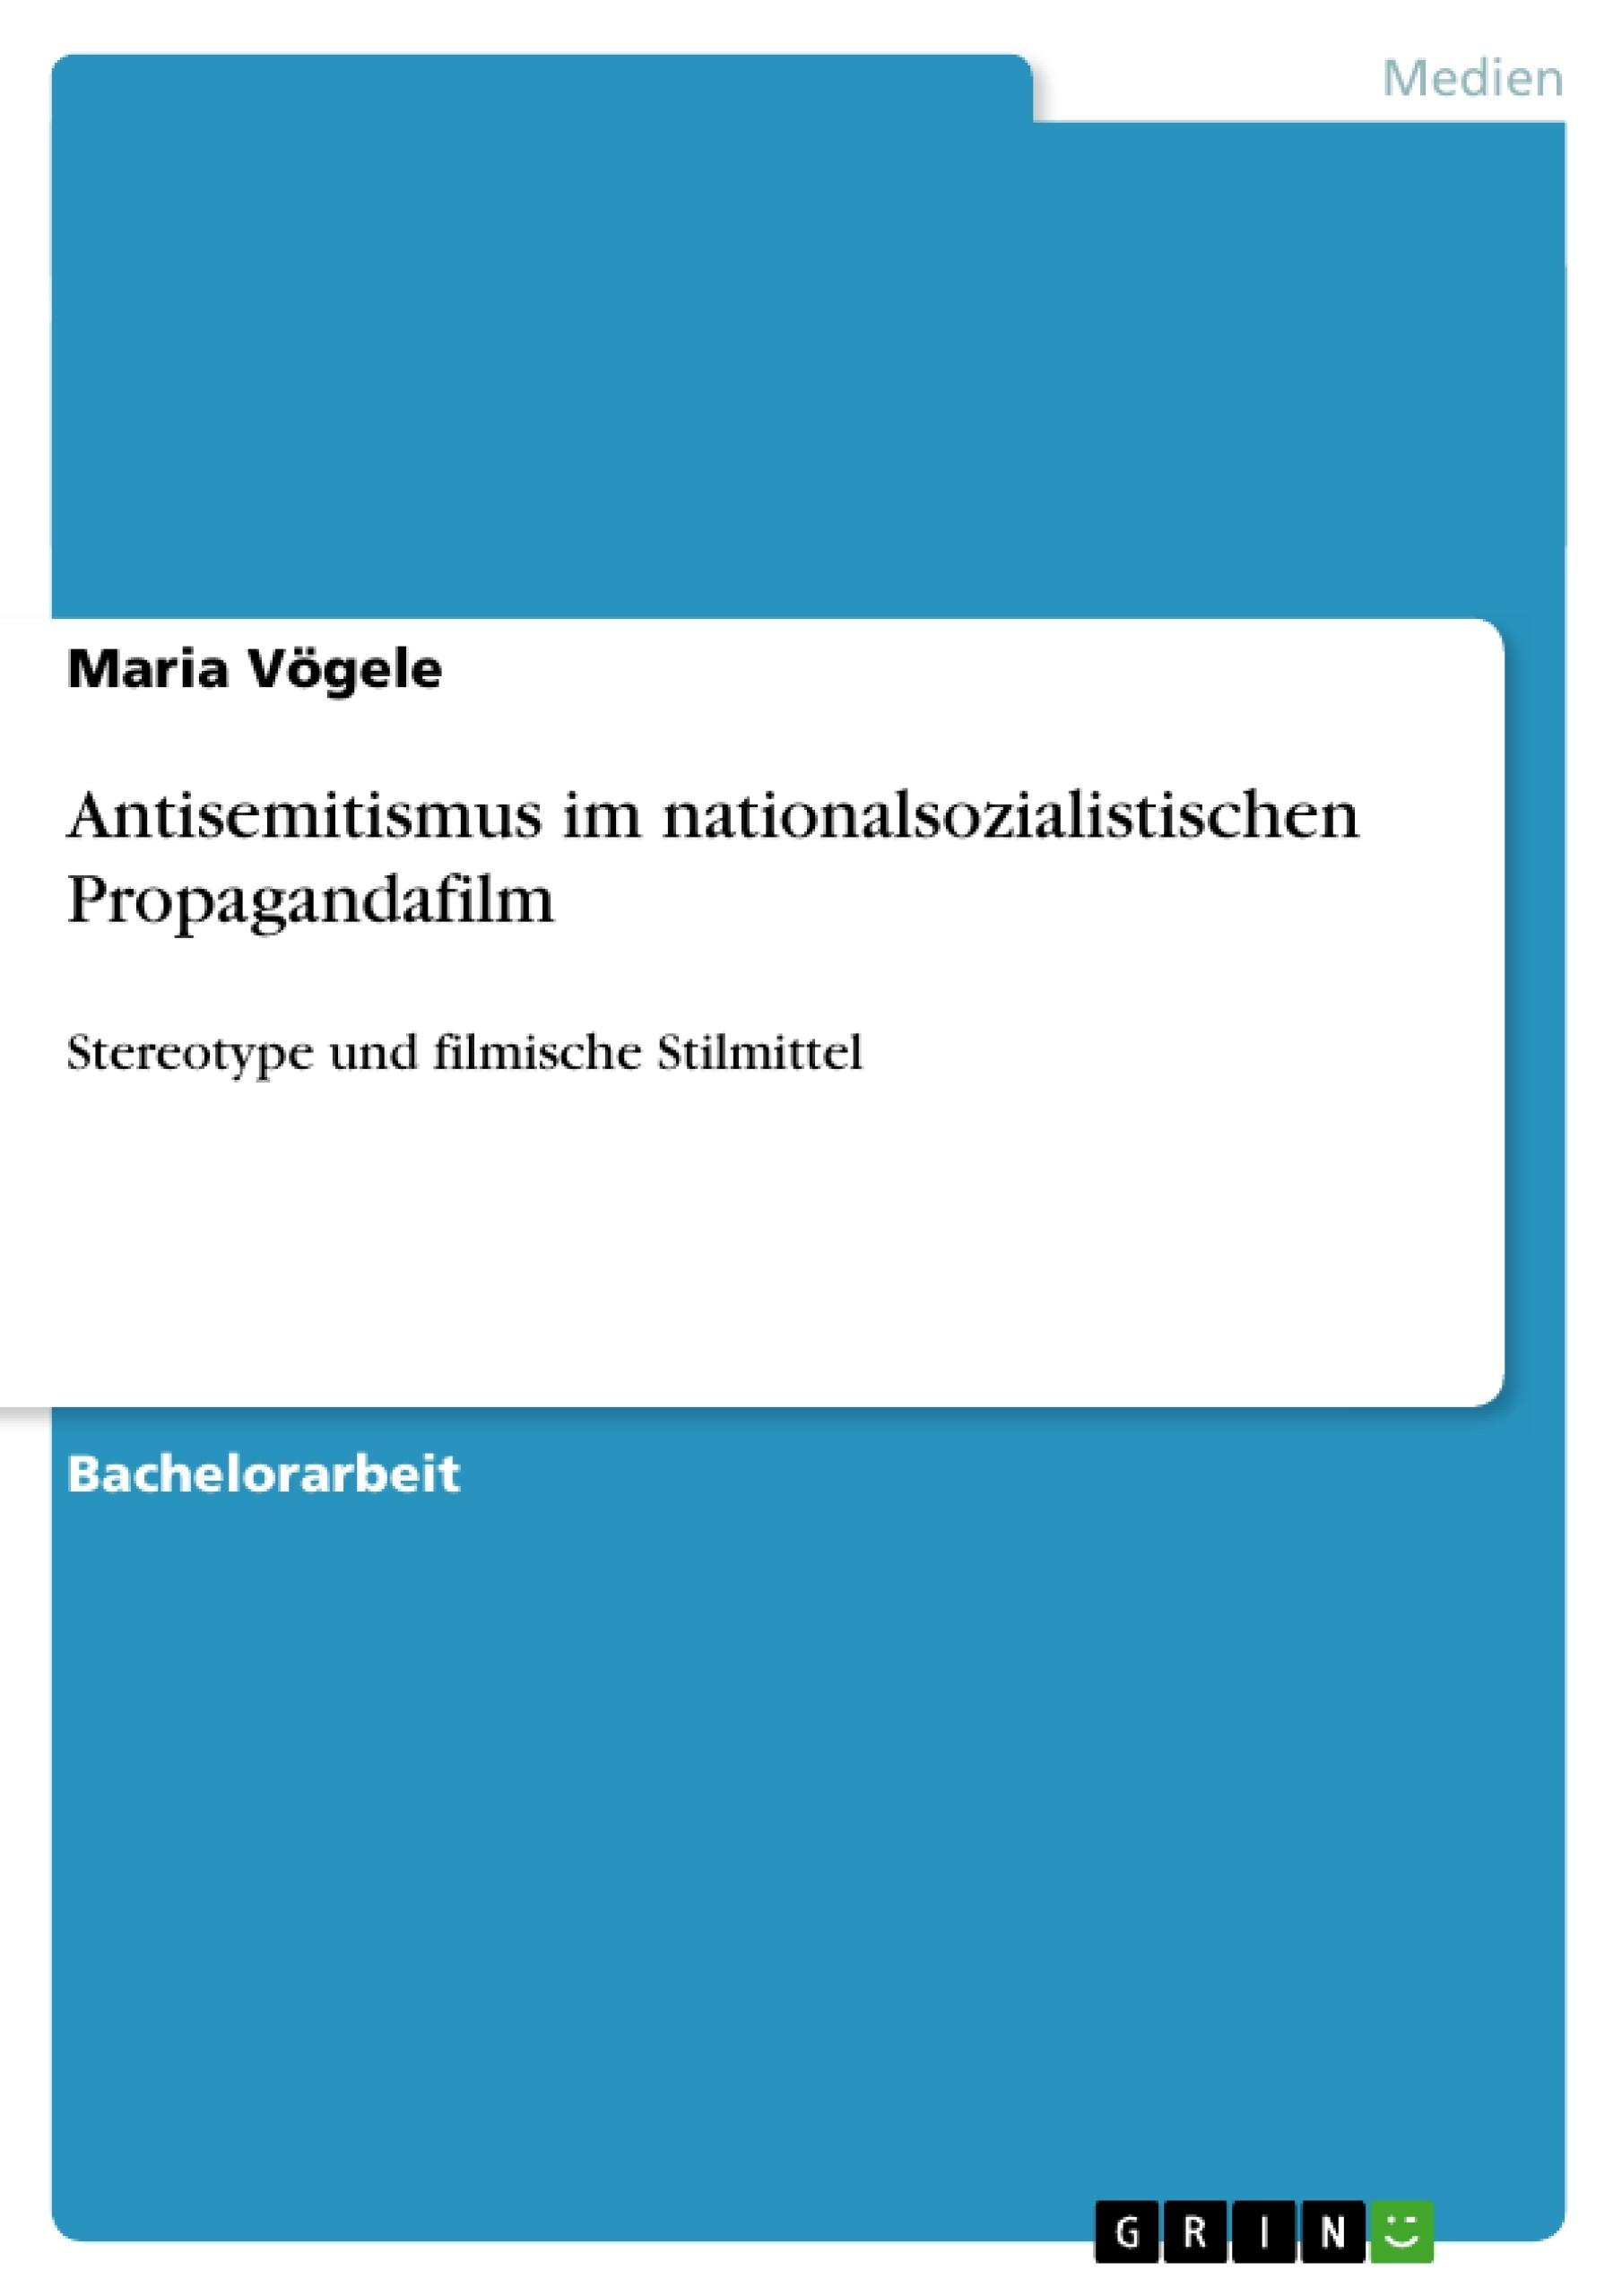 Titel: Antisemitismus im nationalsozialistischen Propagandafilm